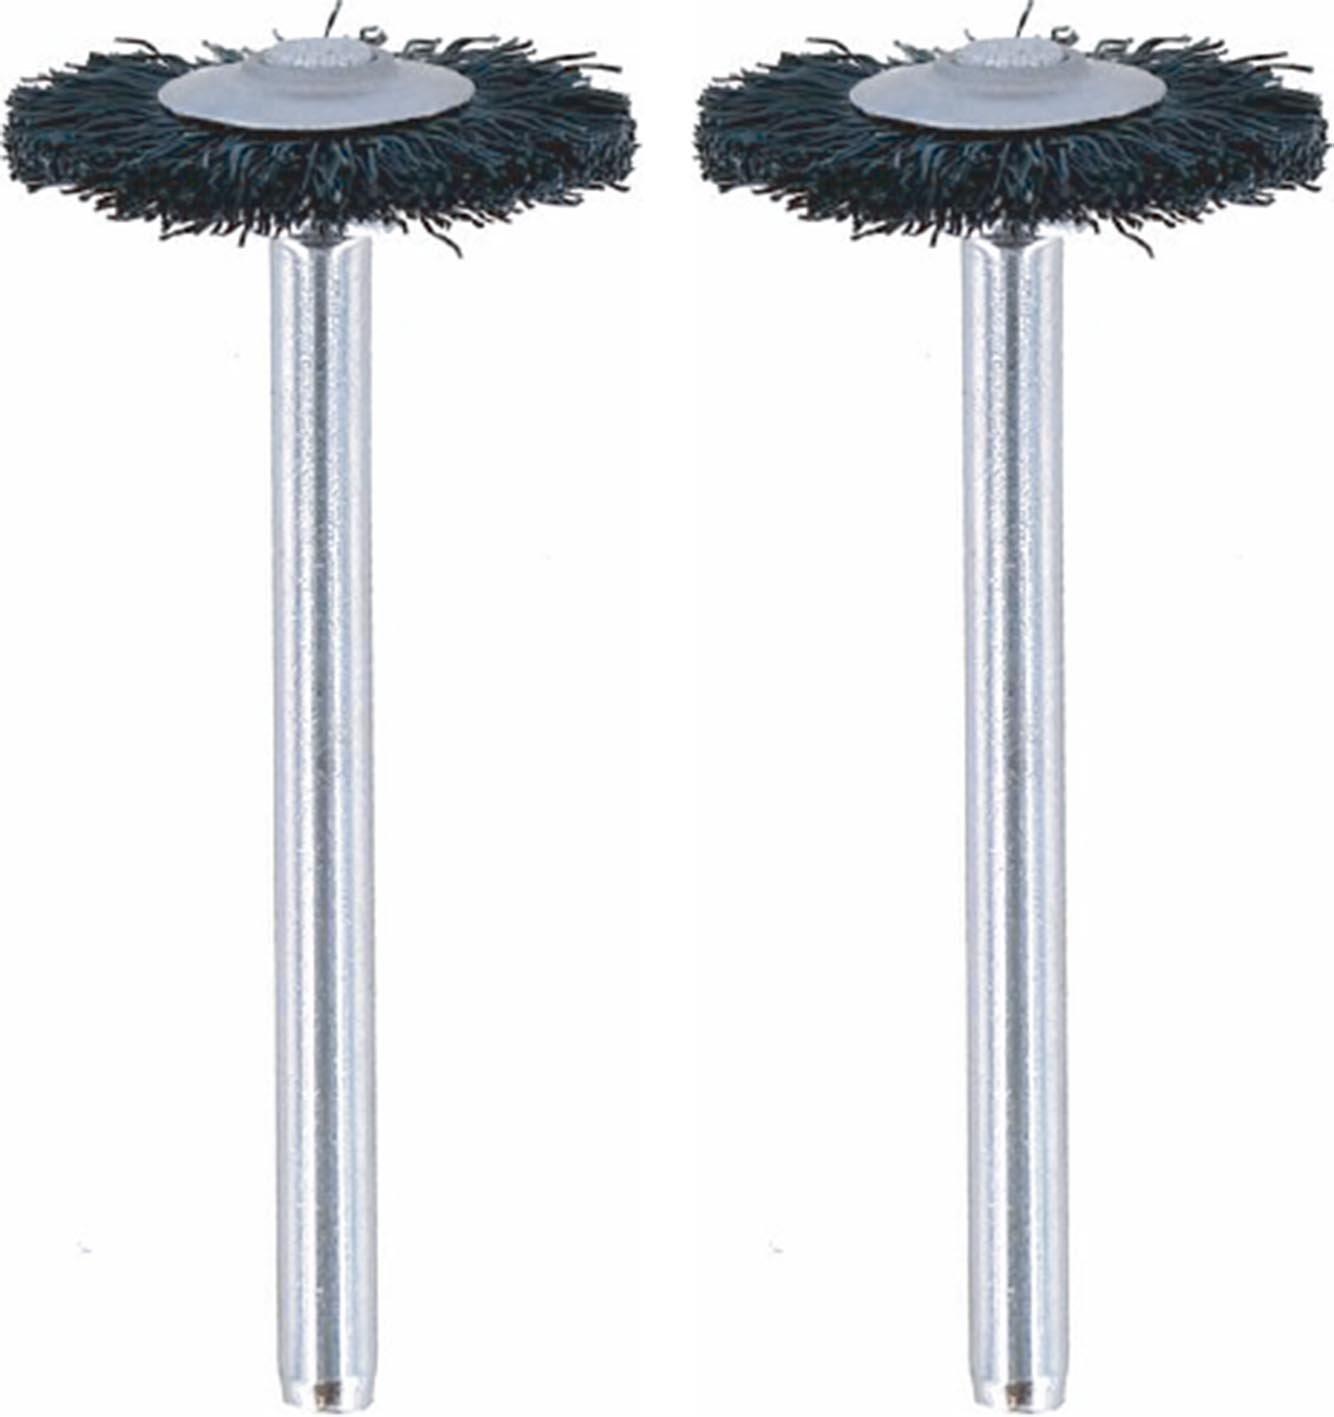 """DREMEL MFG CO 403-02 3/4"""" Diameter, Bristle Brush"""